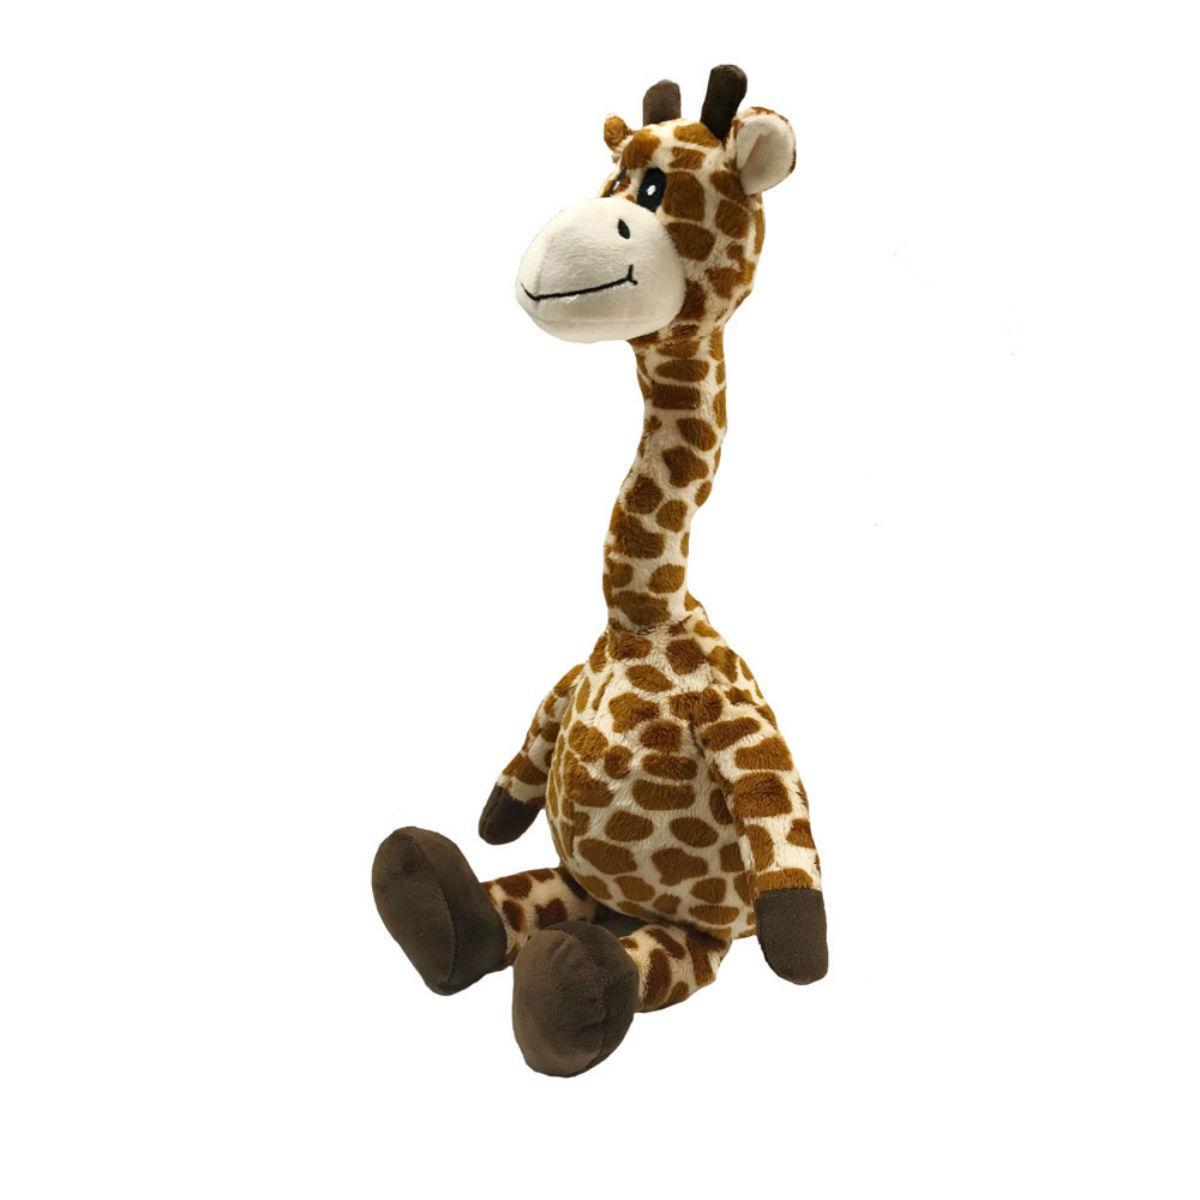 fabdog® Floppy Friends Dog Toy - Giraffe